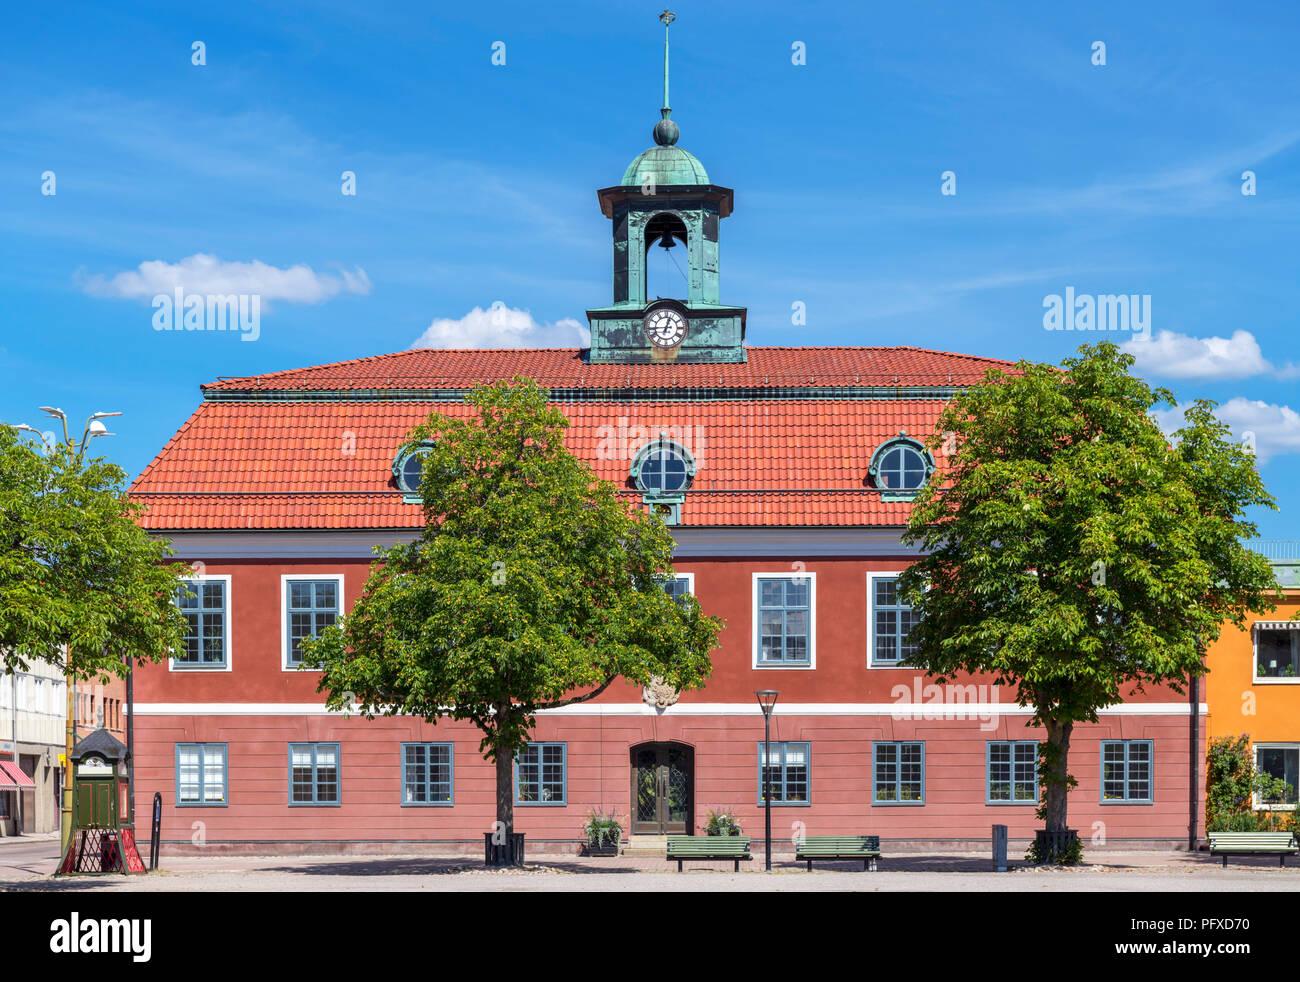 Ville située sur la place principale (Stora Torget), Sala, Västmanland, Suède Photo Stock